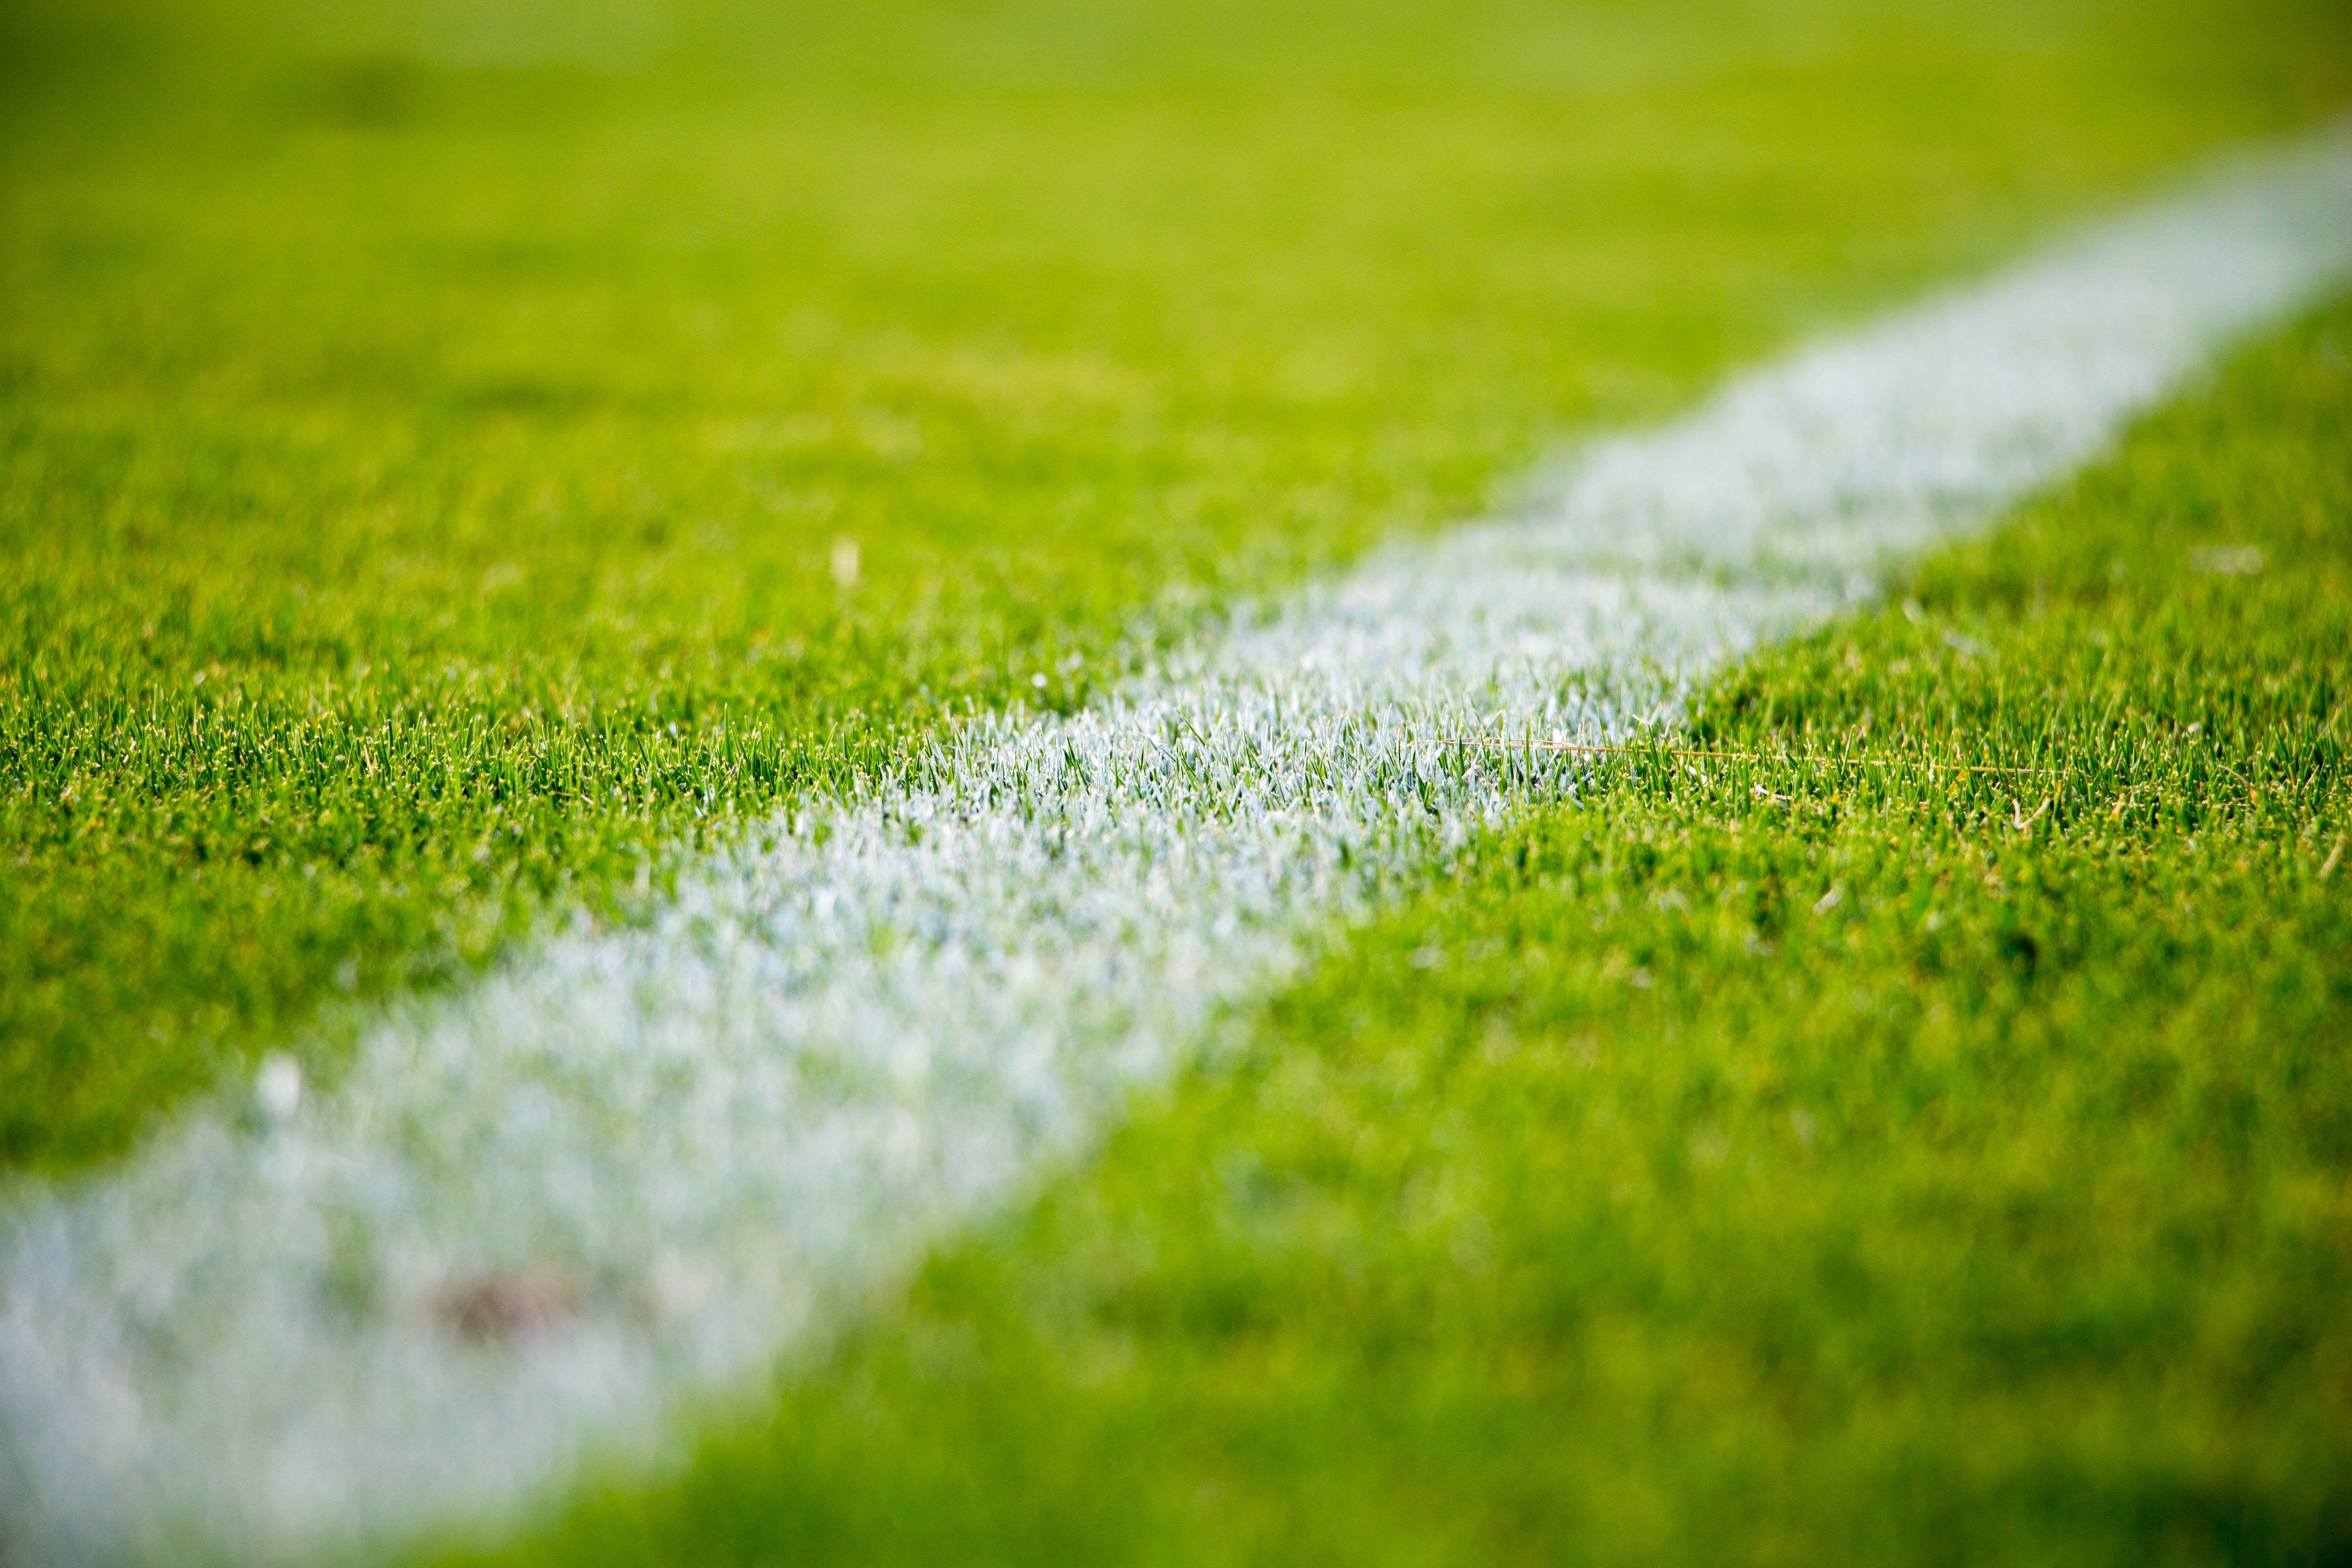 Soccer Field Wallpaper Hd Resolution Hpf Field Wallpaper Artificial Grass Soccer Pictures